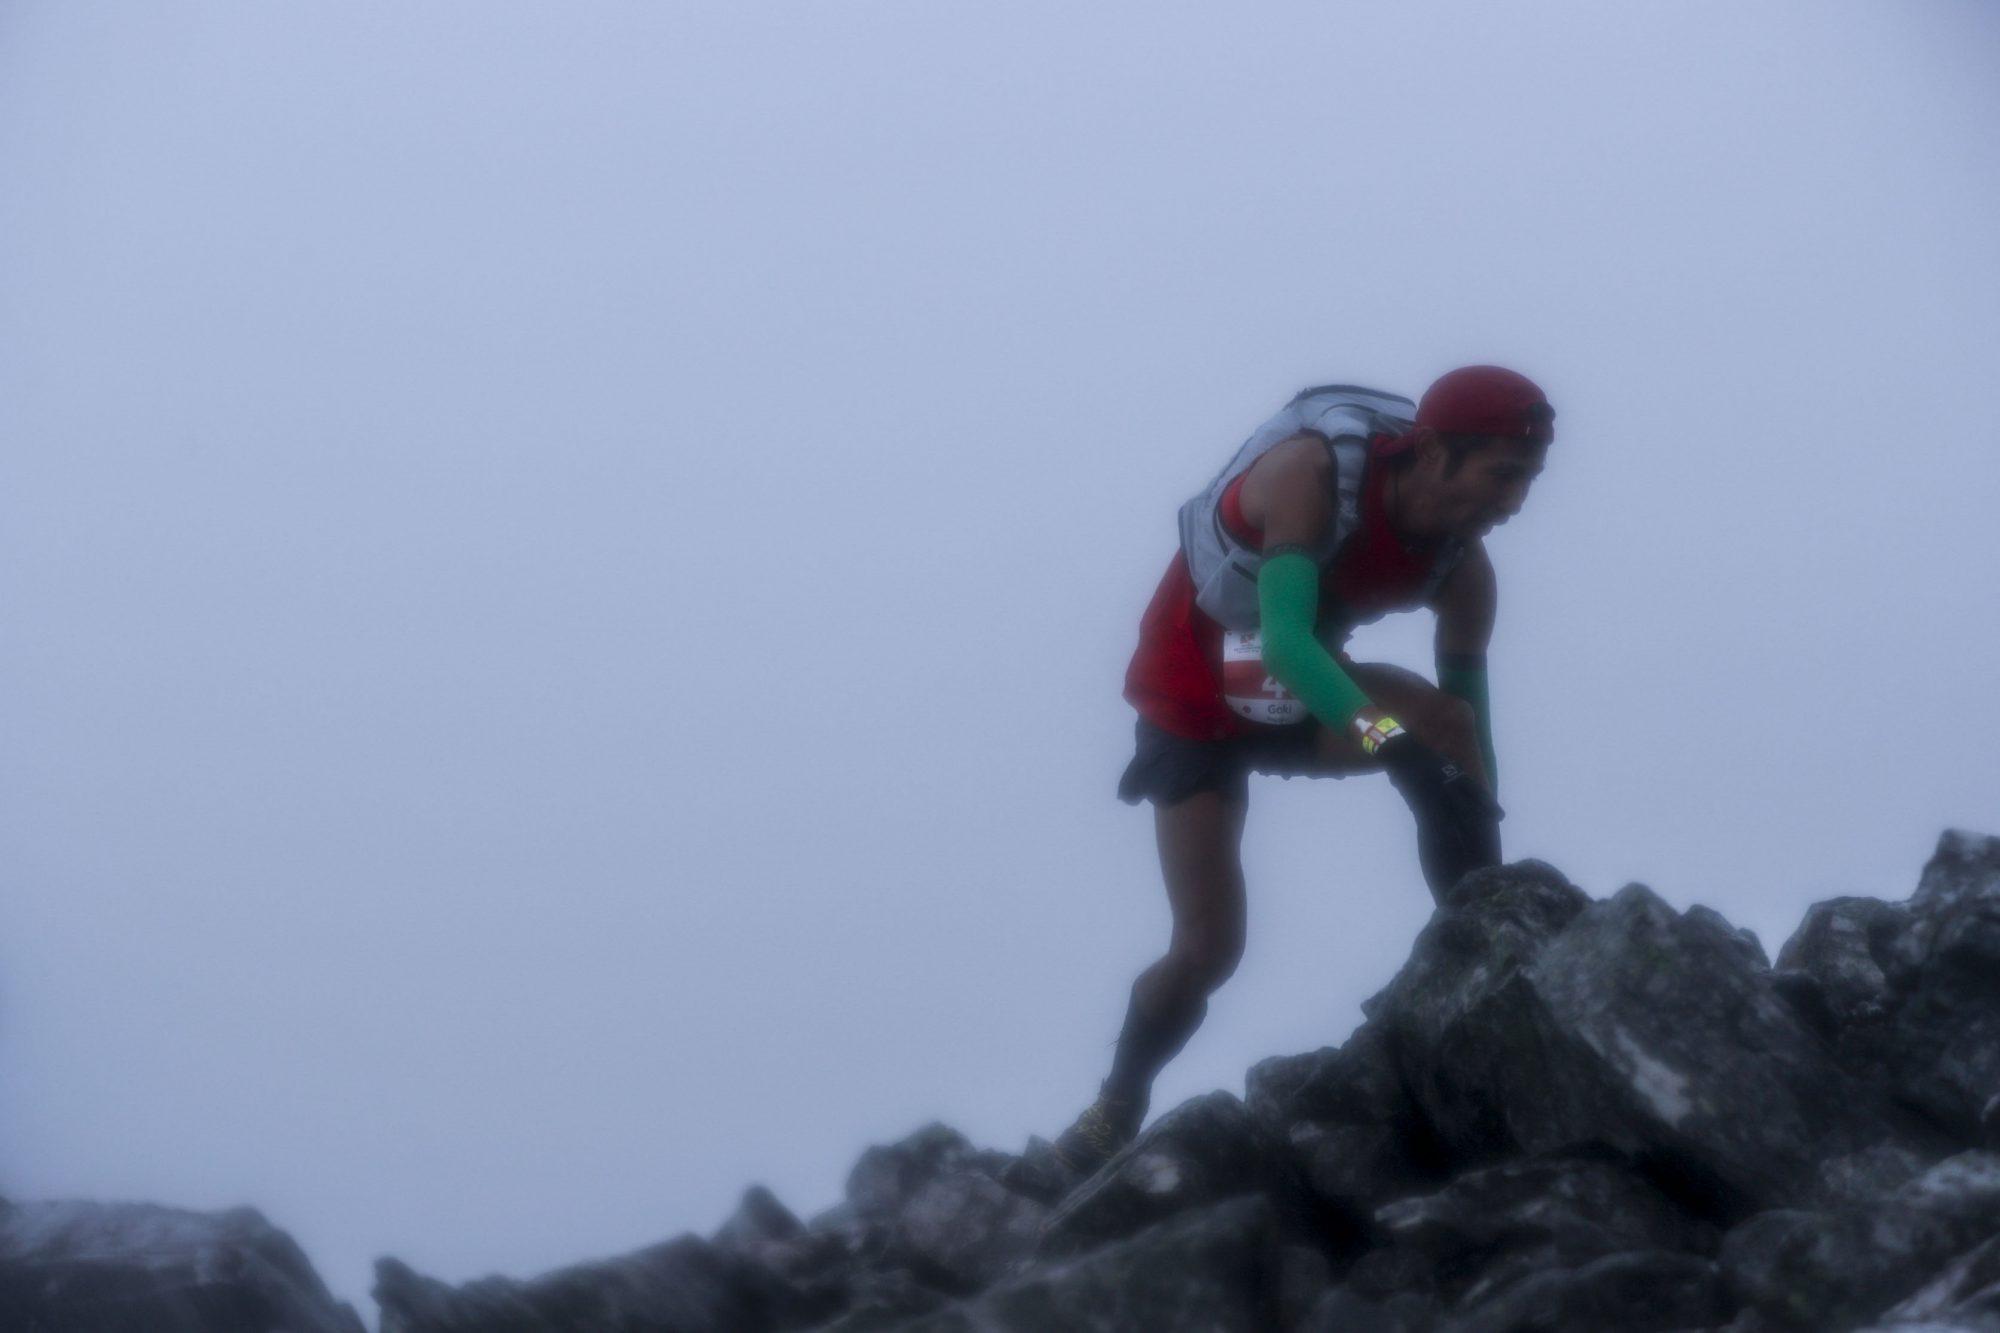 全力で駆け登る永里。機内サービスの靴下を利用したお手製のアームウォーマーに救われたそうだ ©Sho Fujimaki